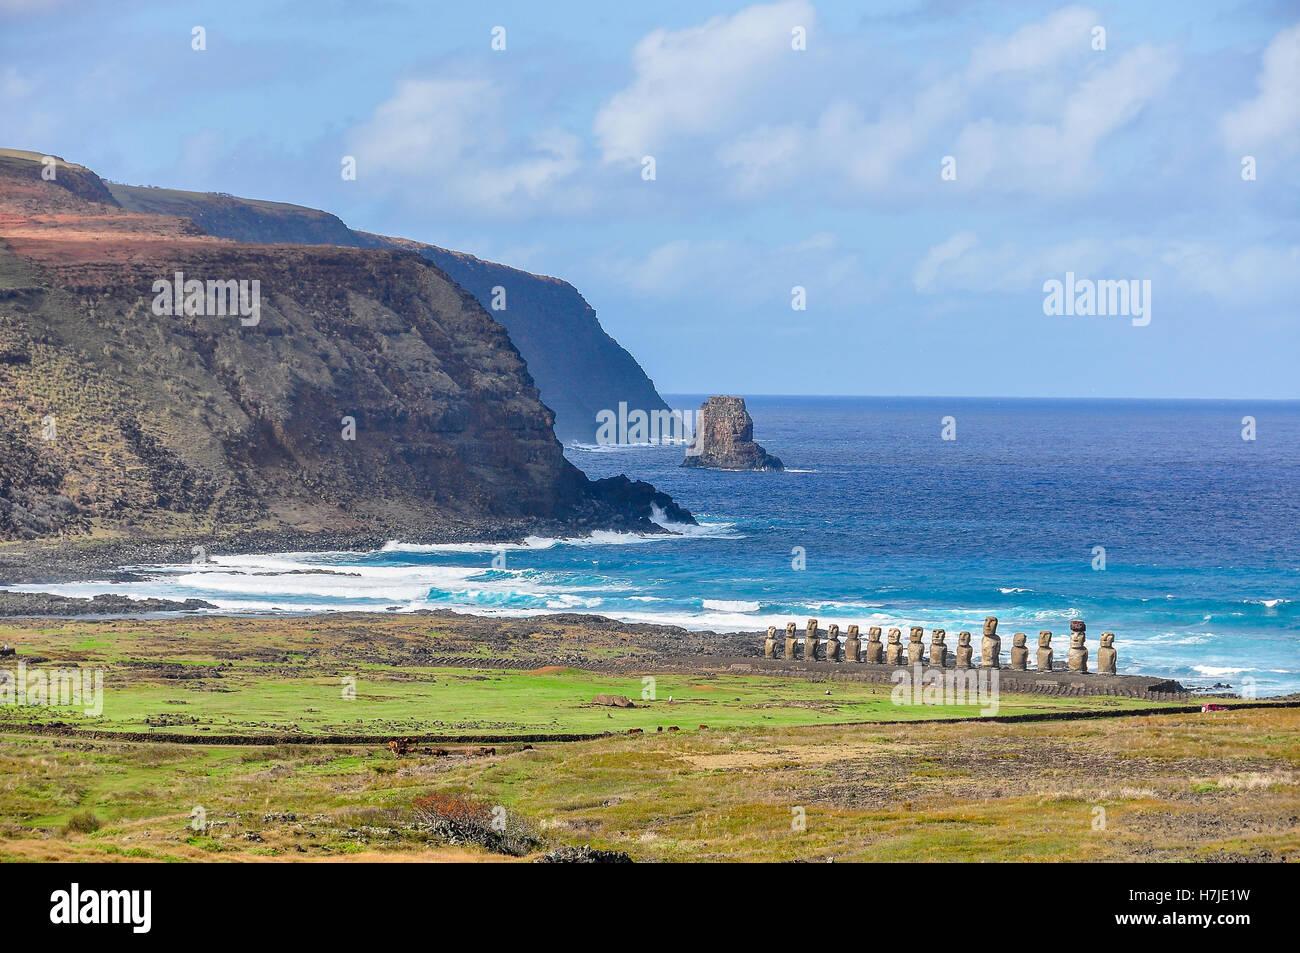 Estatua Moai ruinas en Vaihu sitio, en la costa de la Isla de Pascua, Chile Imagen De Stock